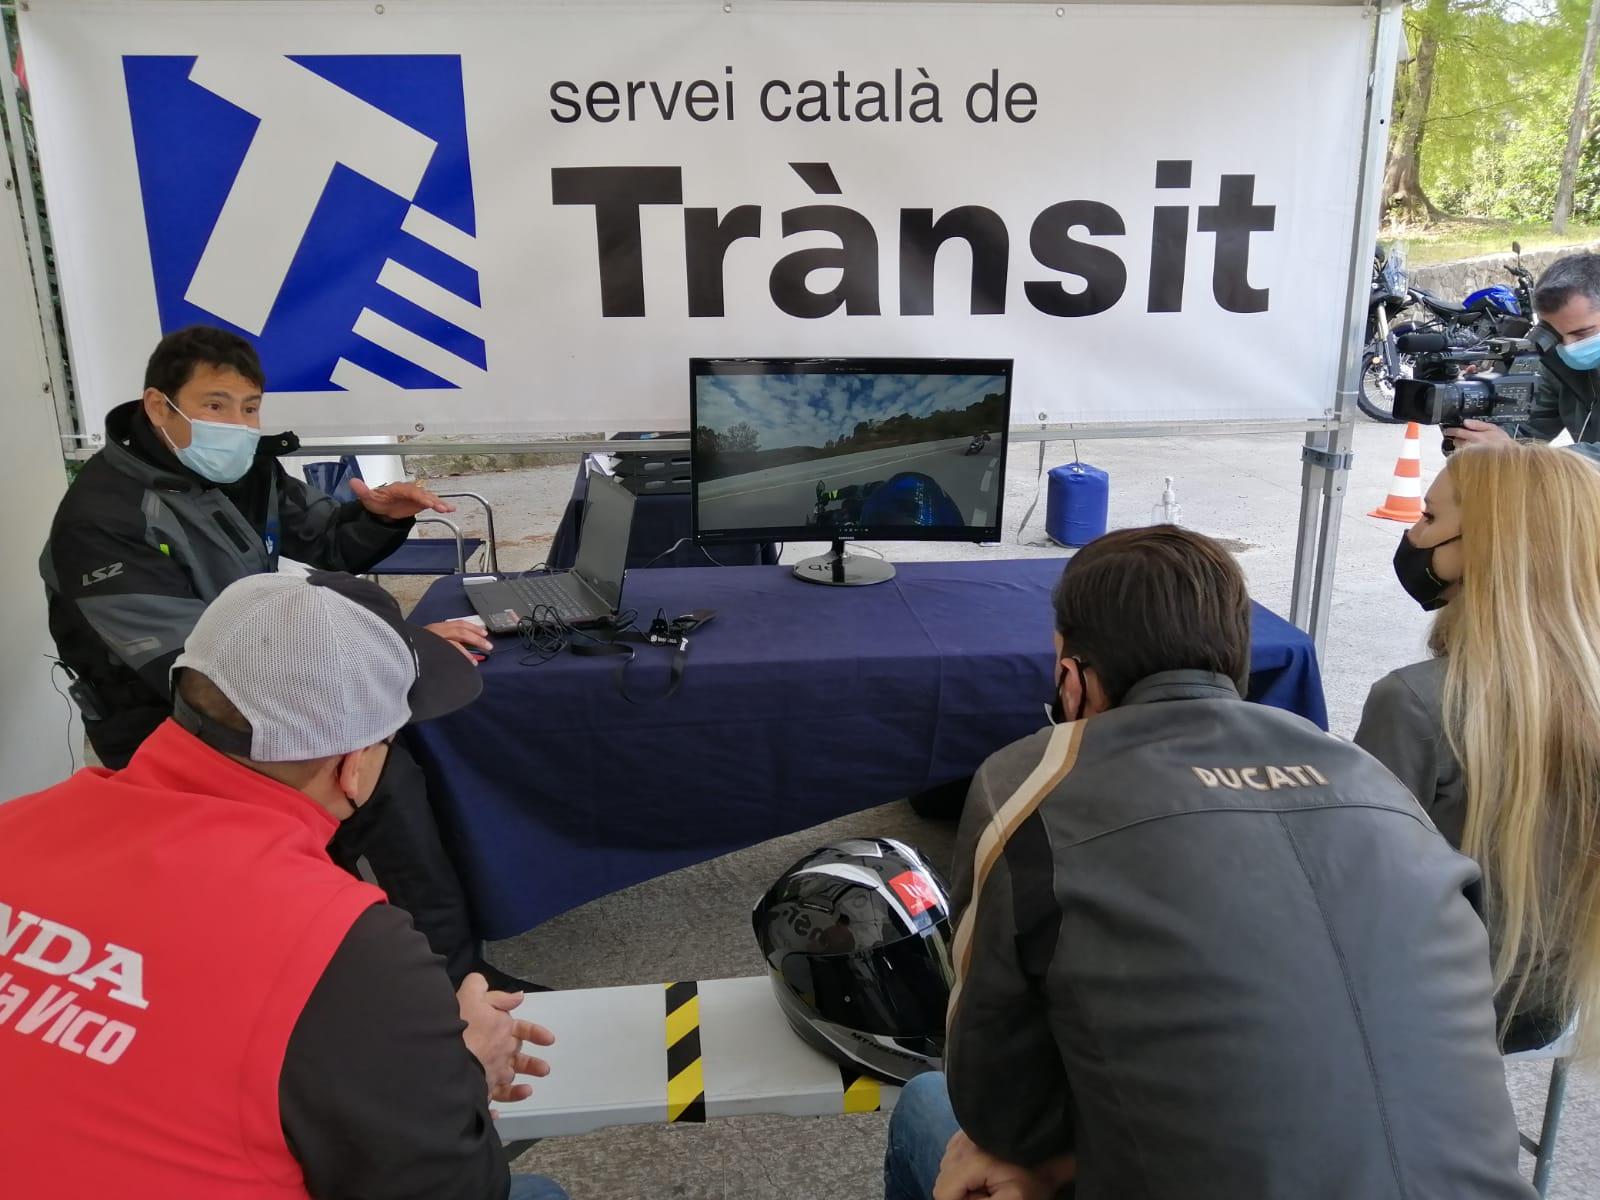 El Servei Català de Trànsit i Anesdor posen en marxa la 7a edició del programa Formació 3.0